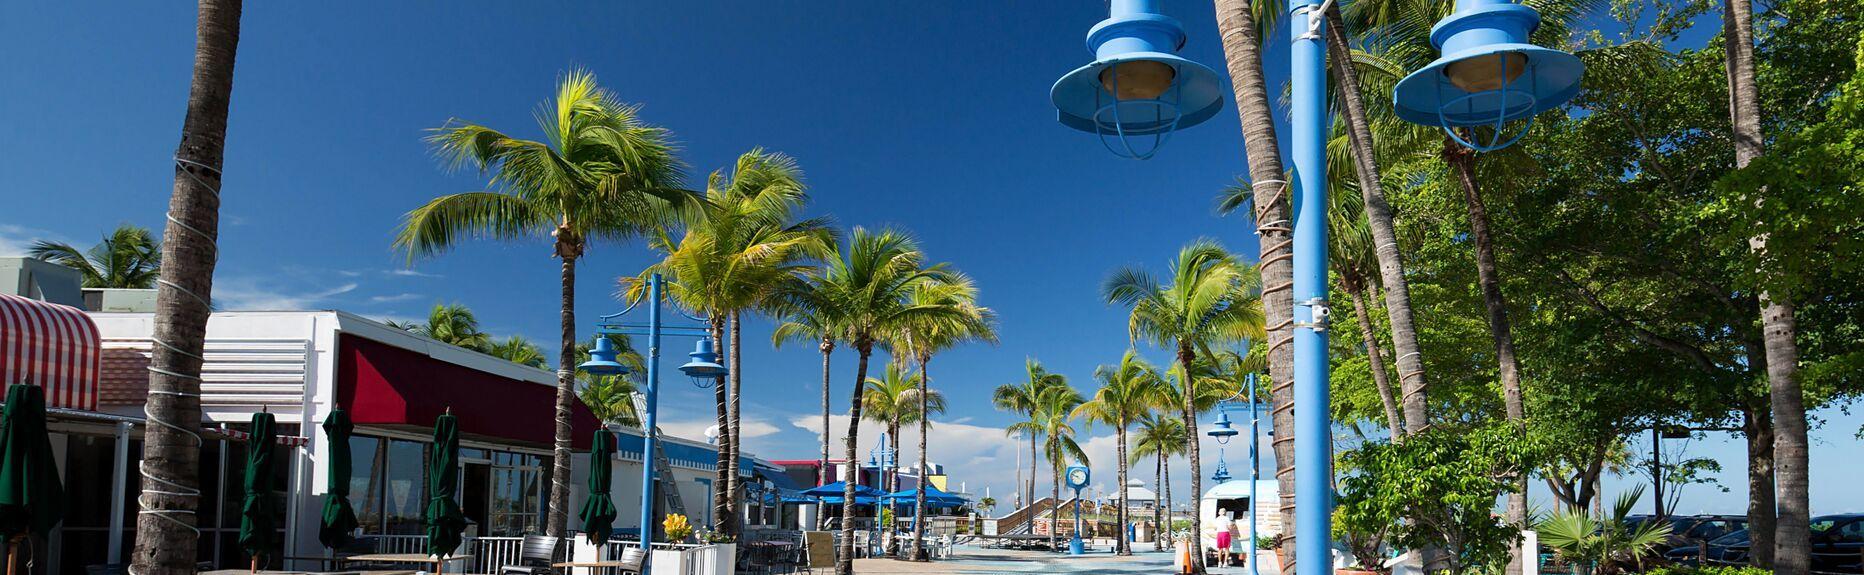 Southwest Florida #4741